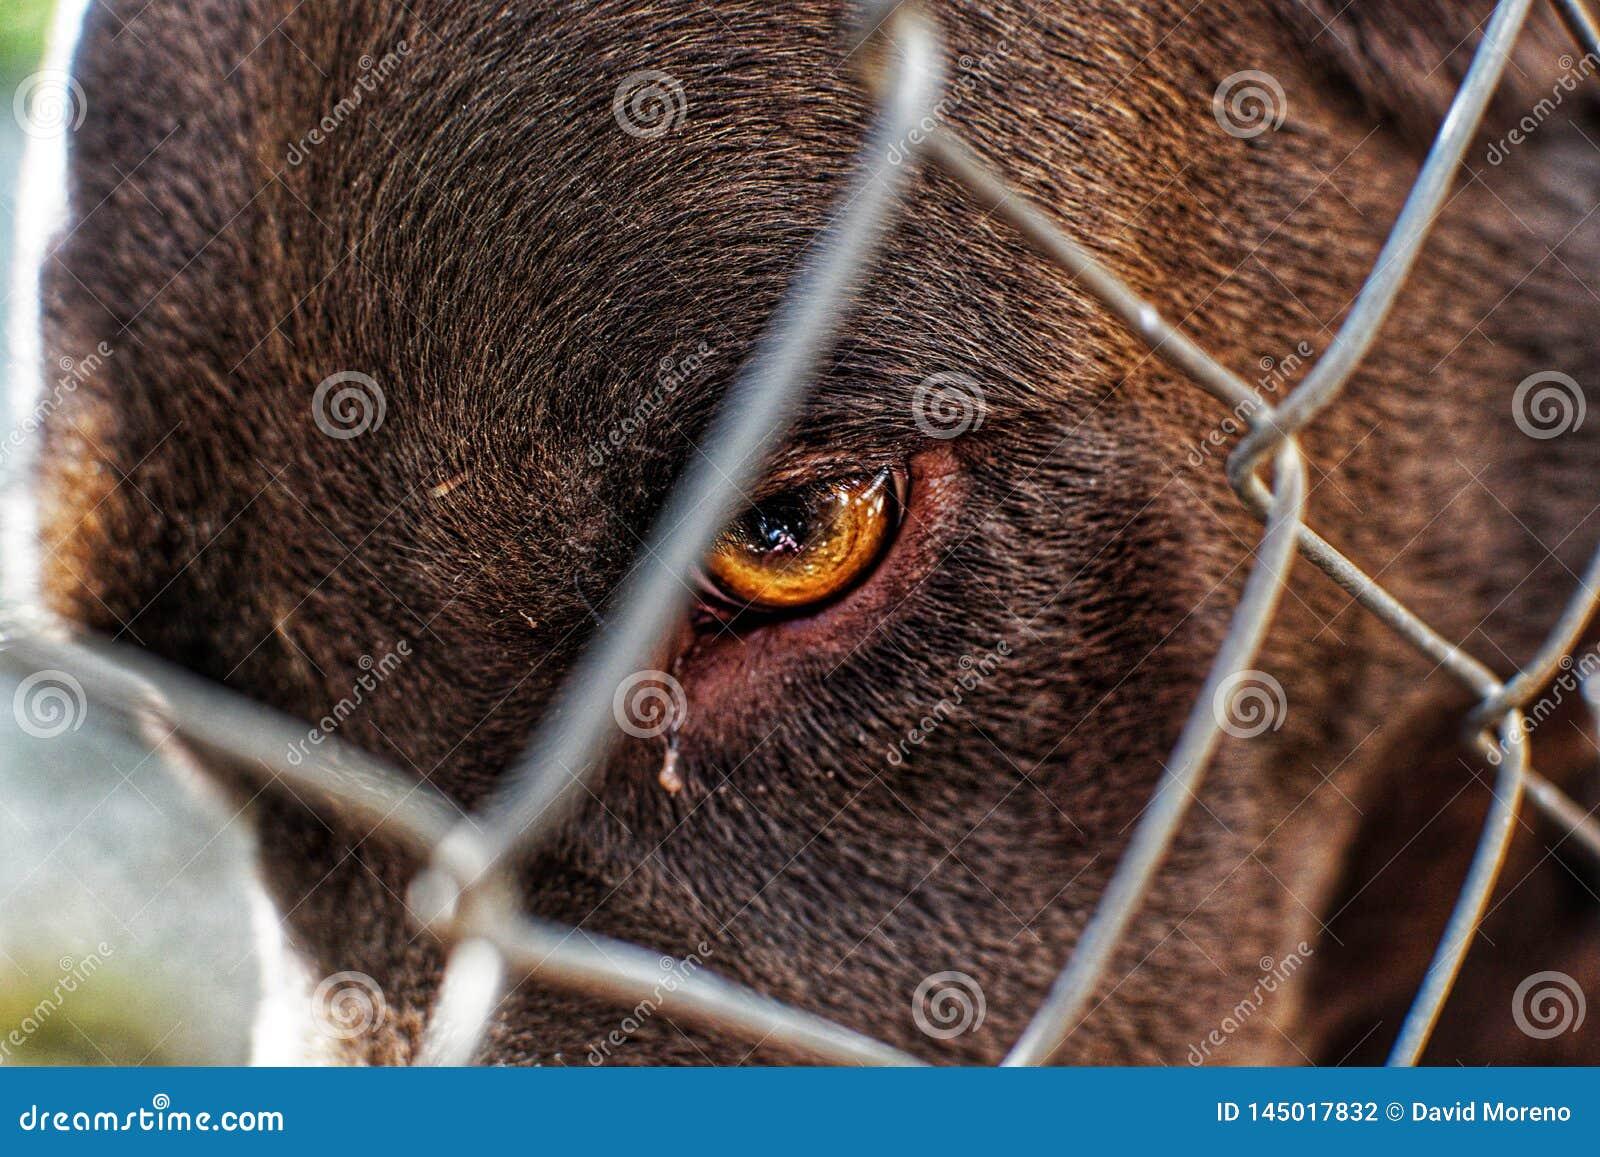 笼中的逗人喜爱的拉布拉多狗接近的画象